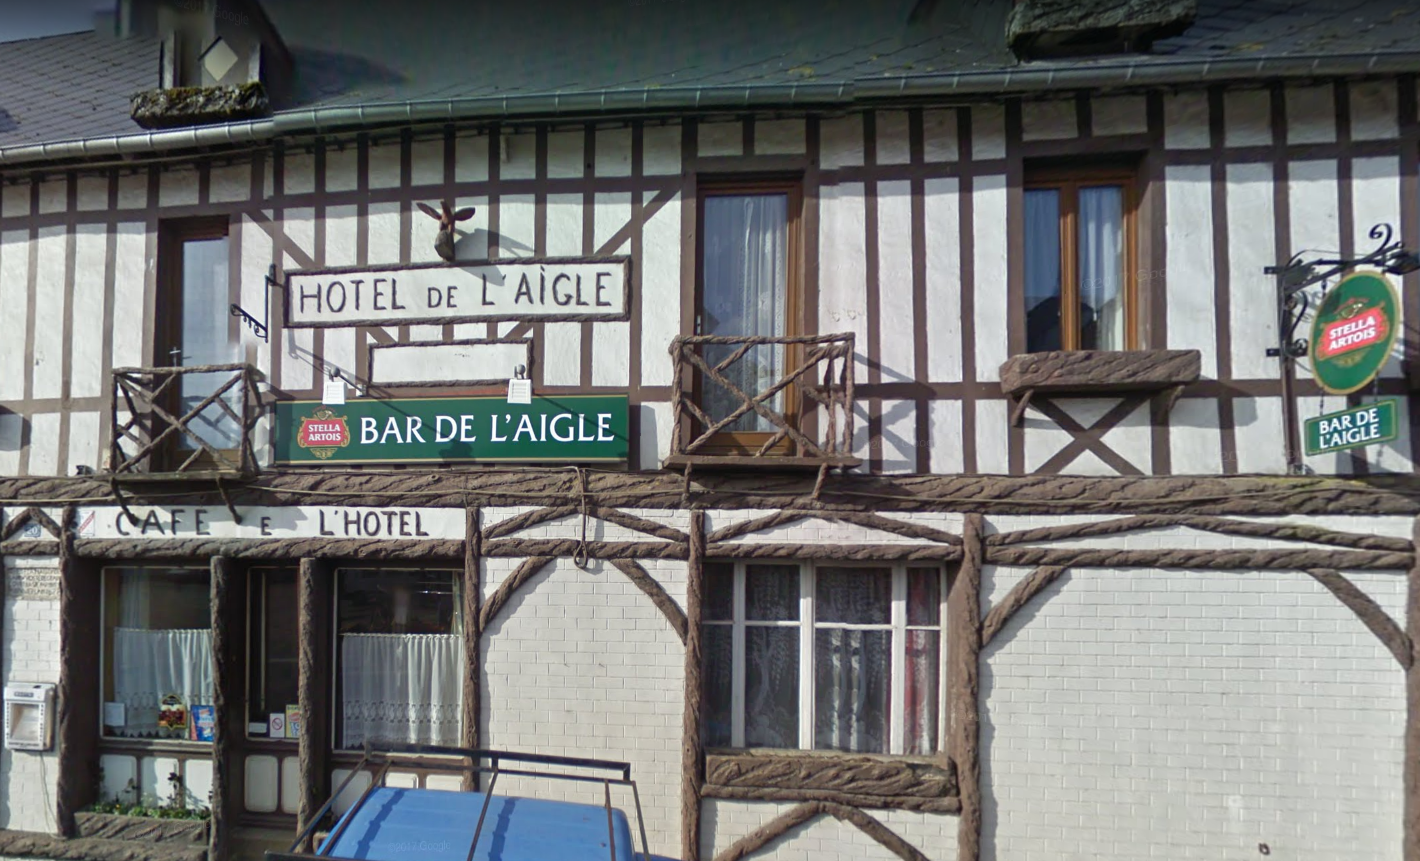 Bar de l'Aigle